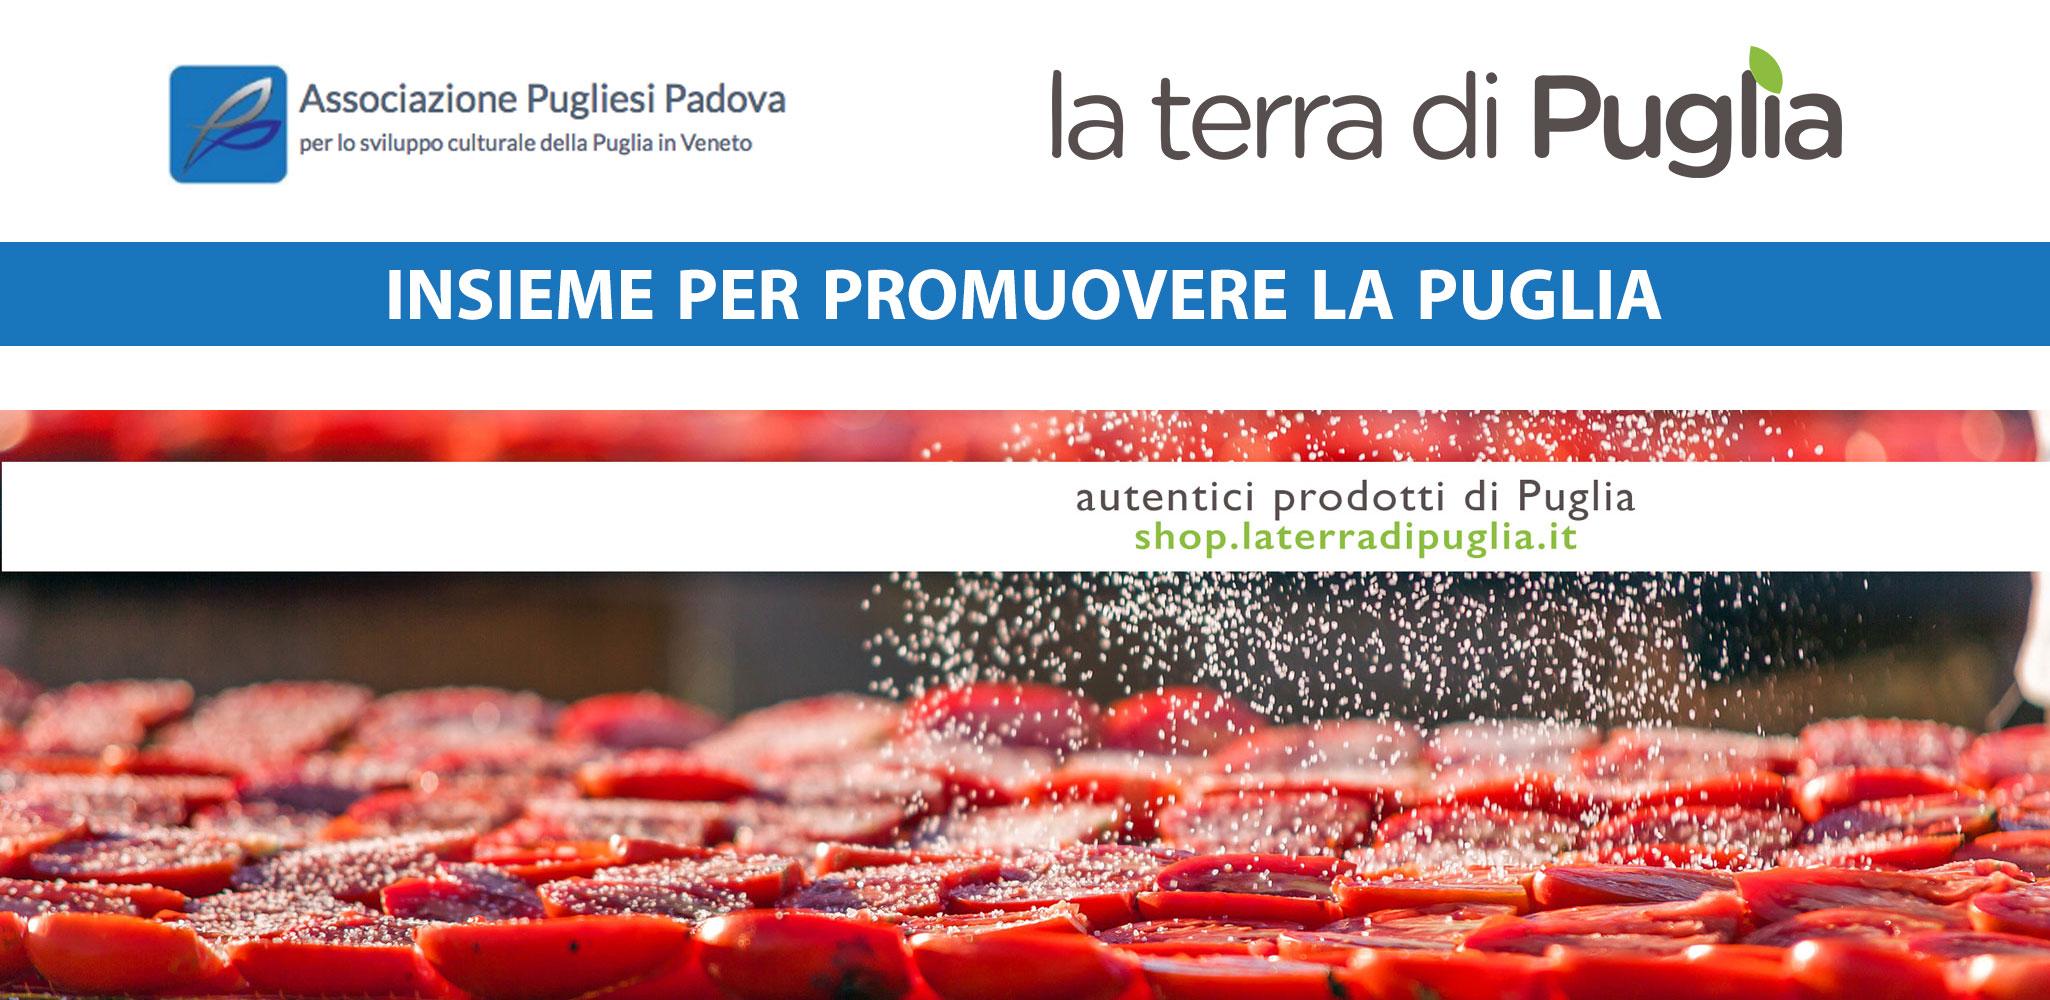 promo-associazione-pugliesi